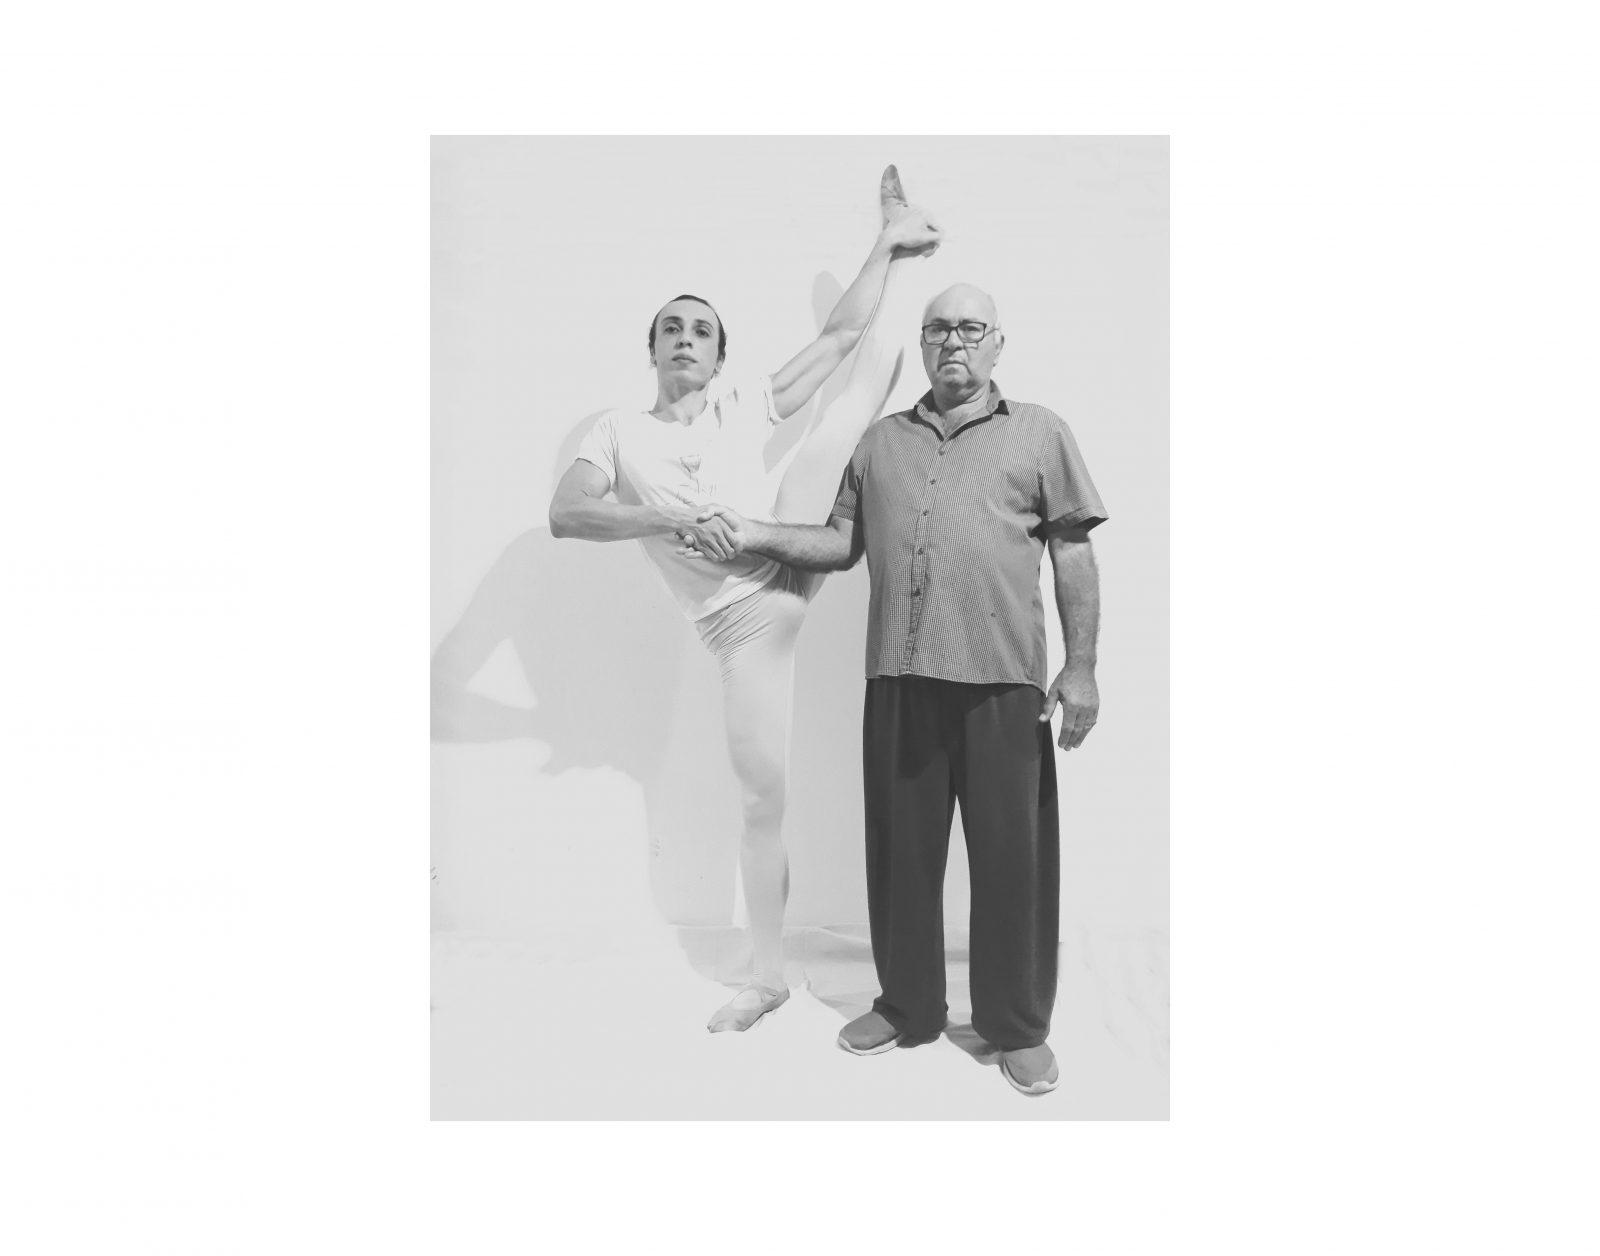 uma imagem sobre dancarino de ballet